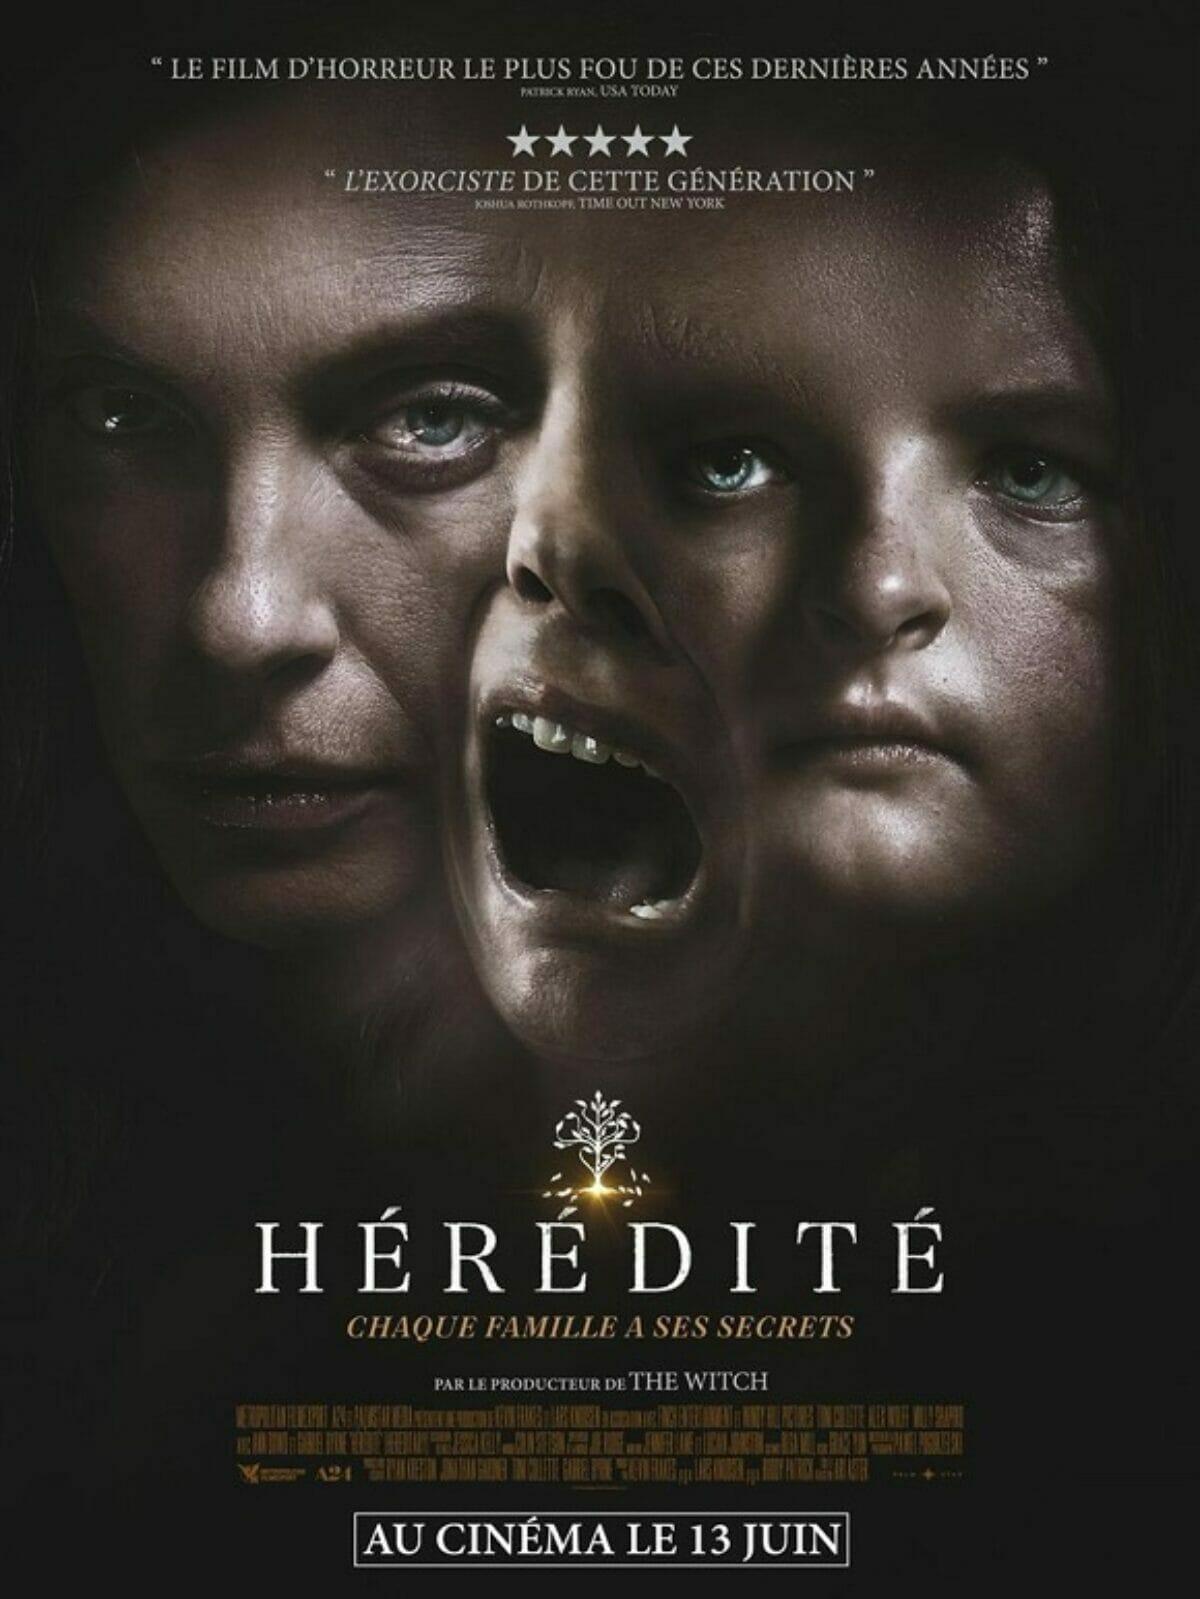 Hérédité poster